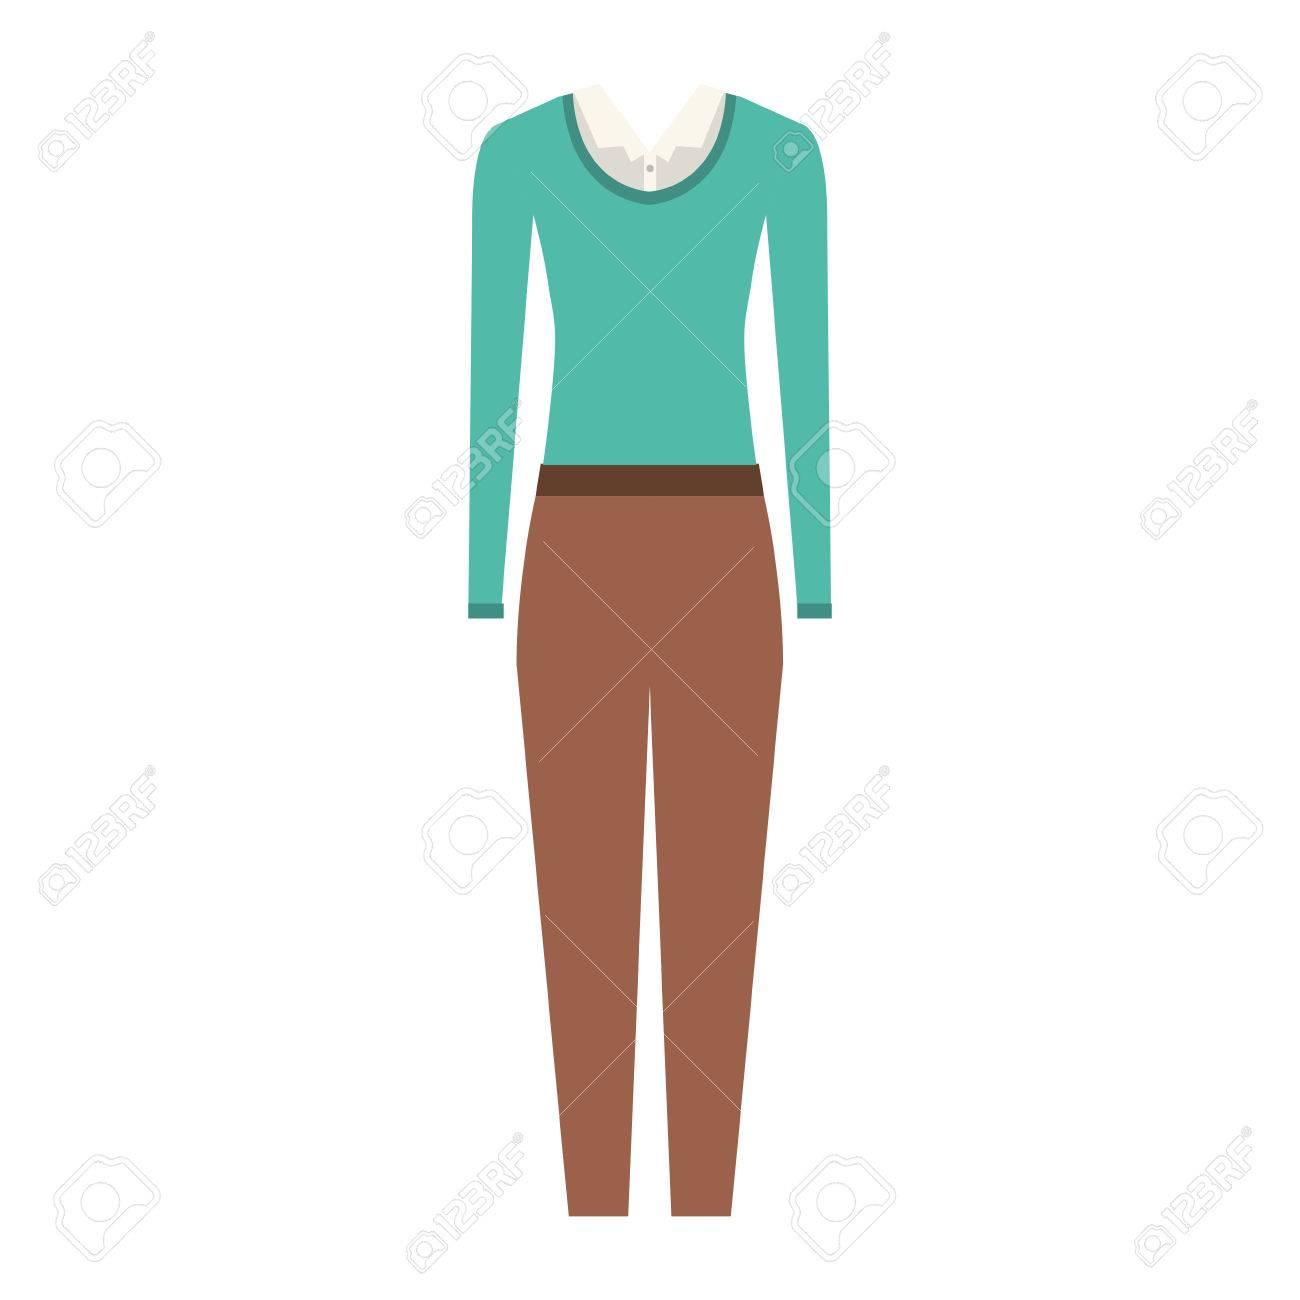 7c7c5236d Foto de archivo - Pantalón marrón y una blusa blanca con el suéter azul.  proyecto ejecutivo ropa de mujer. ilustración vectorial